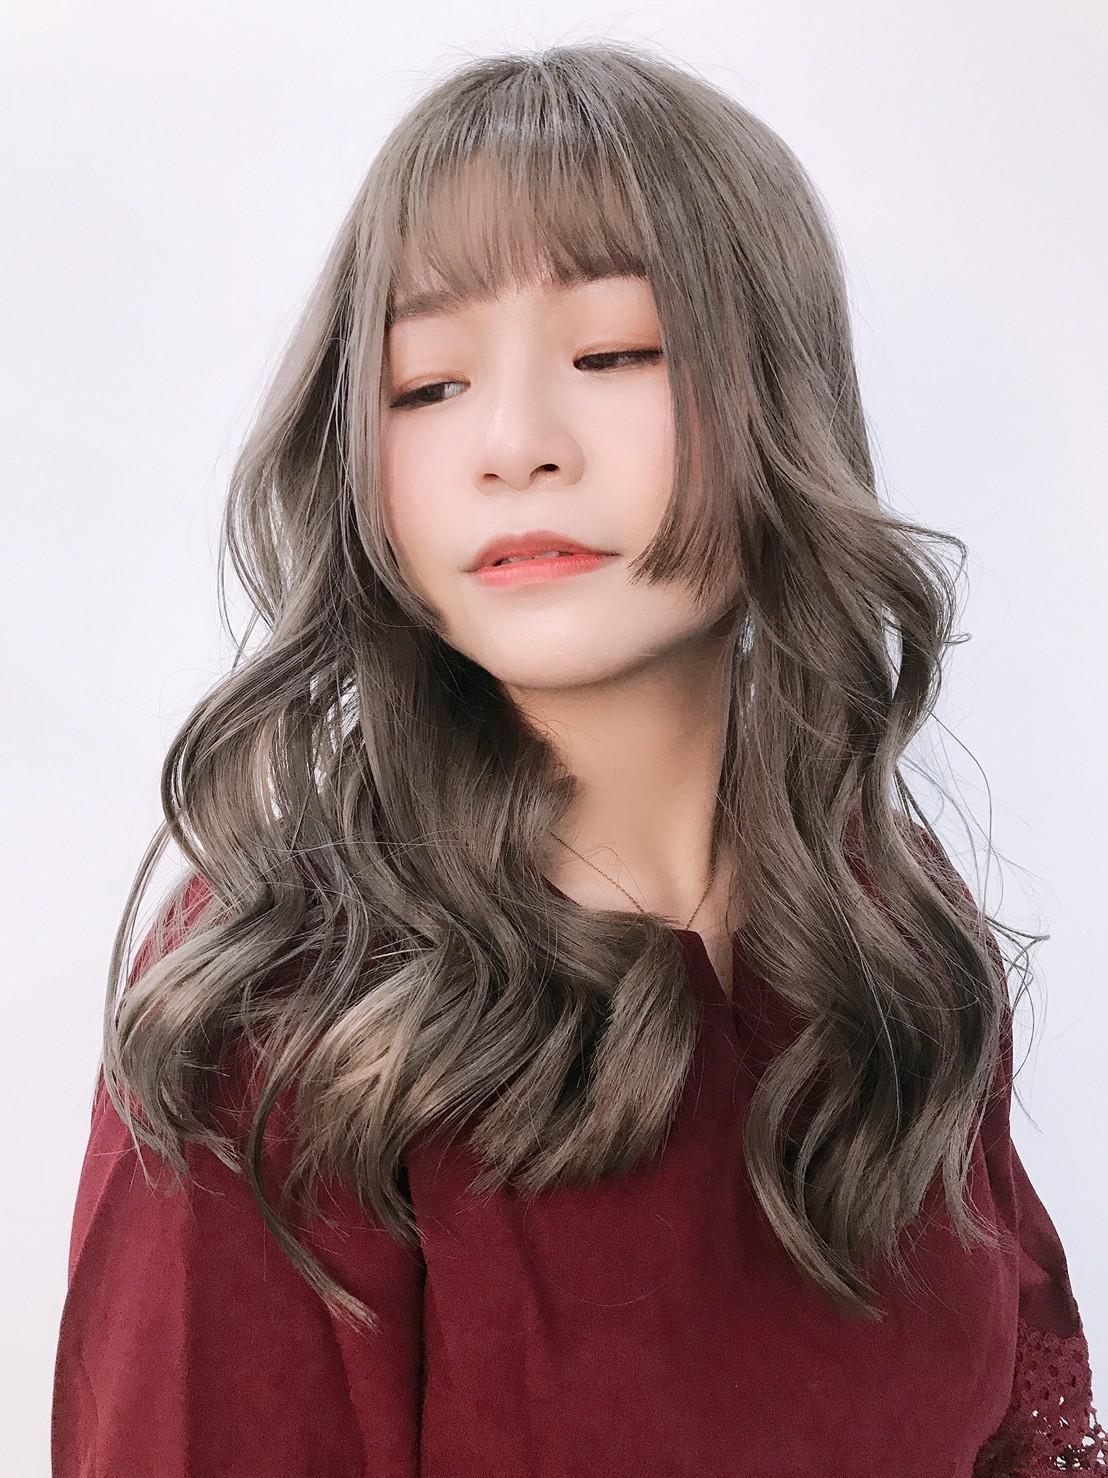 燙髮尾優點3-燙髮尾能技巧性增加髮量,確不增加厚重感